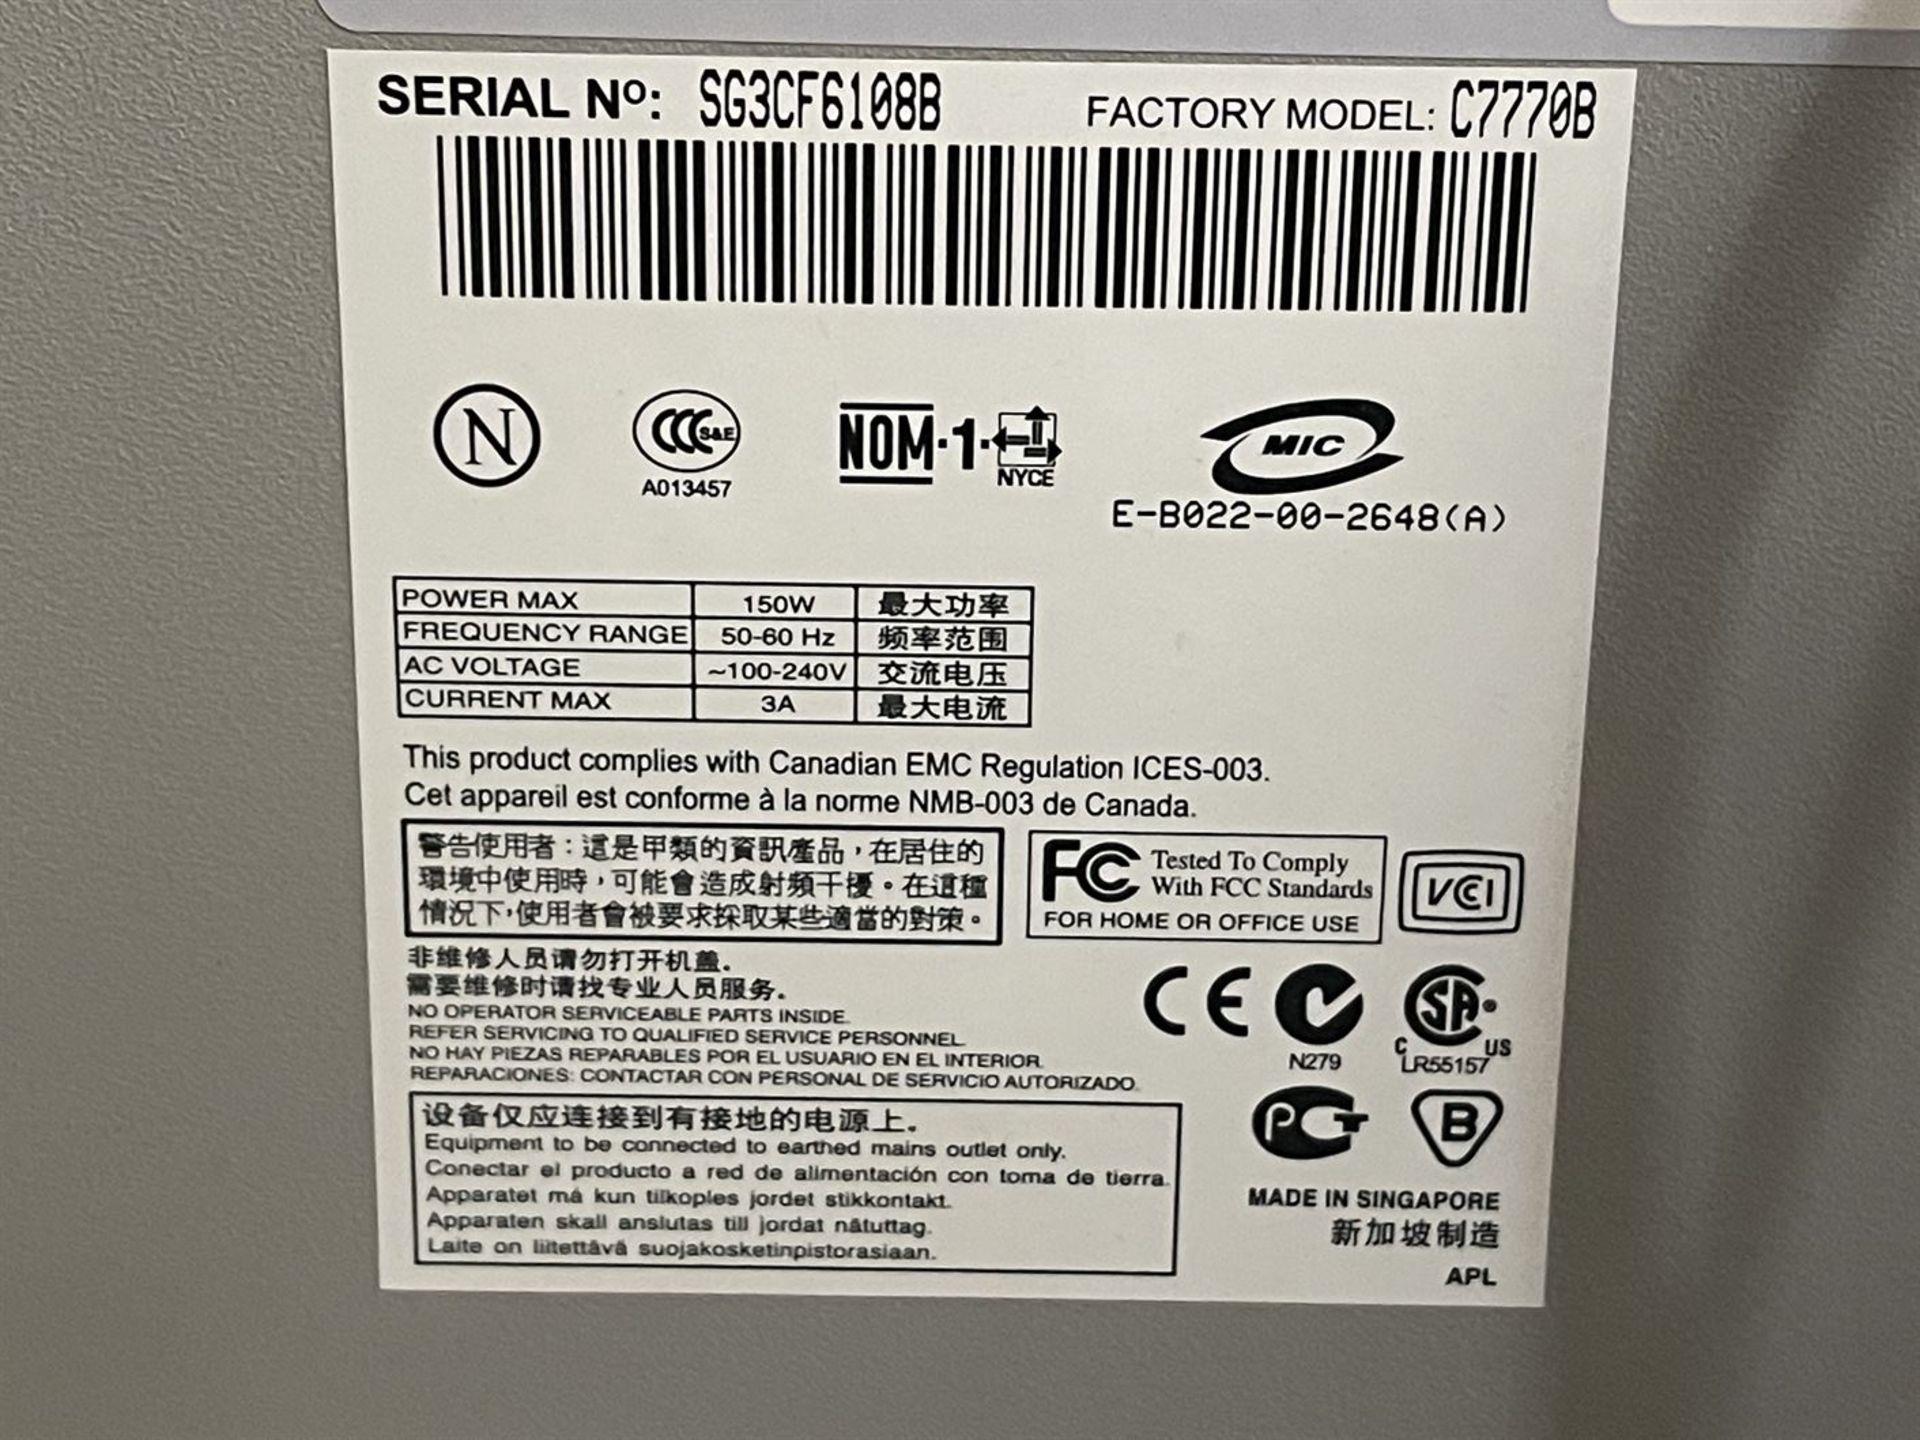 HP DesignJet 500ps Large Format Printer, s/n SG3CF66108B - Image 3 of 3